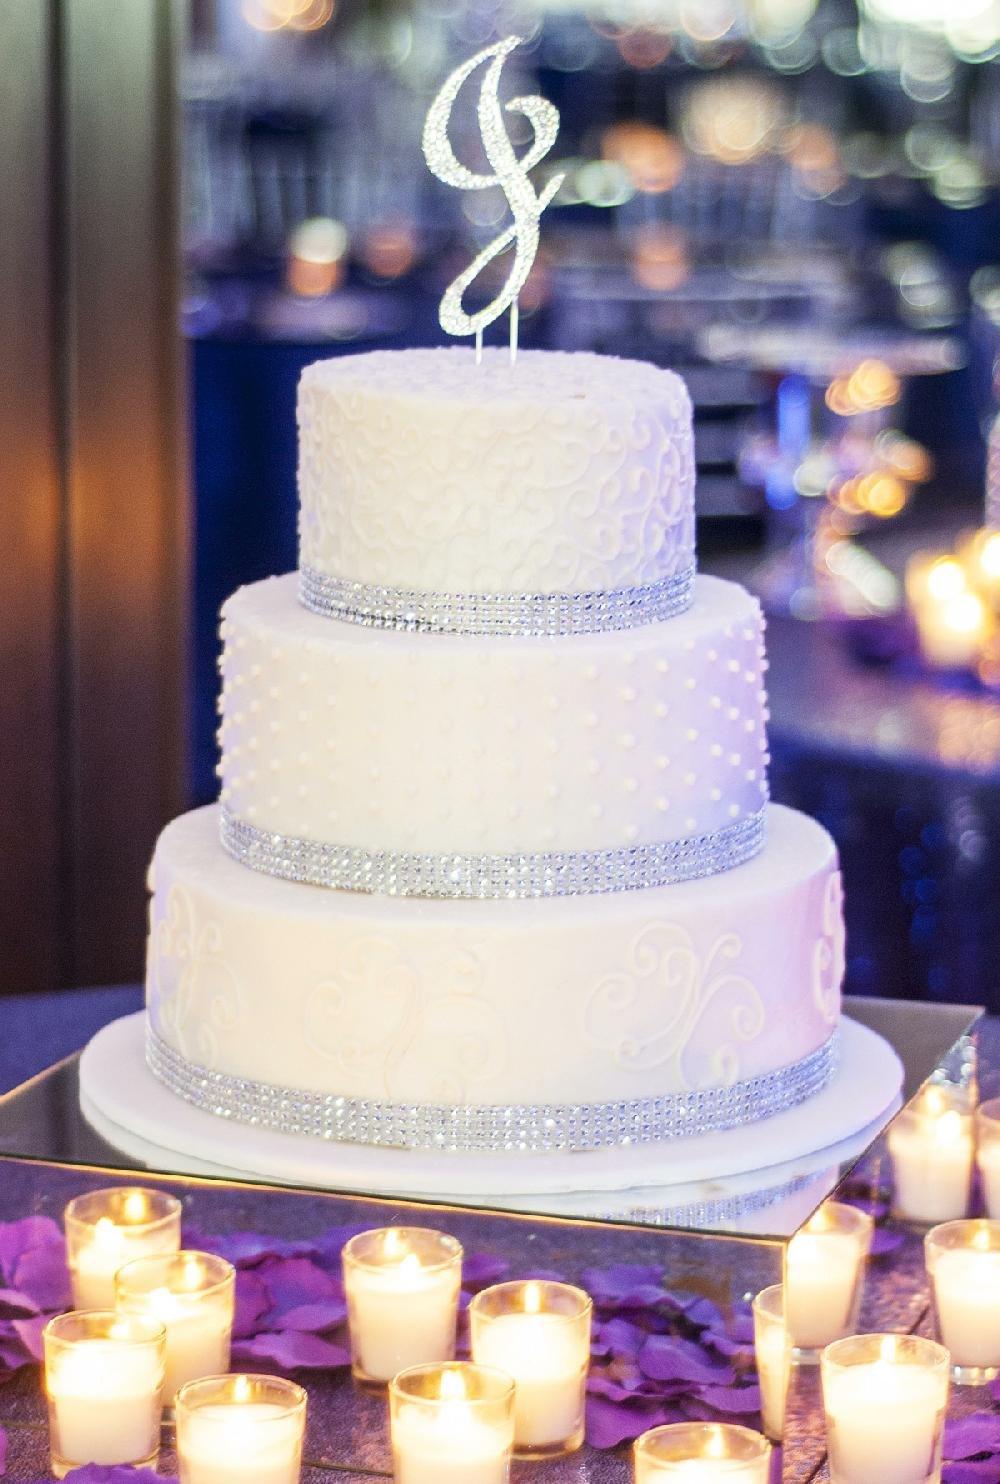 Gallery: Carroll-Jordan Wedding Reception